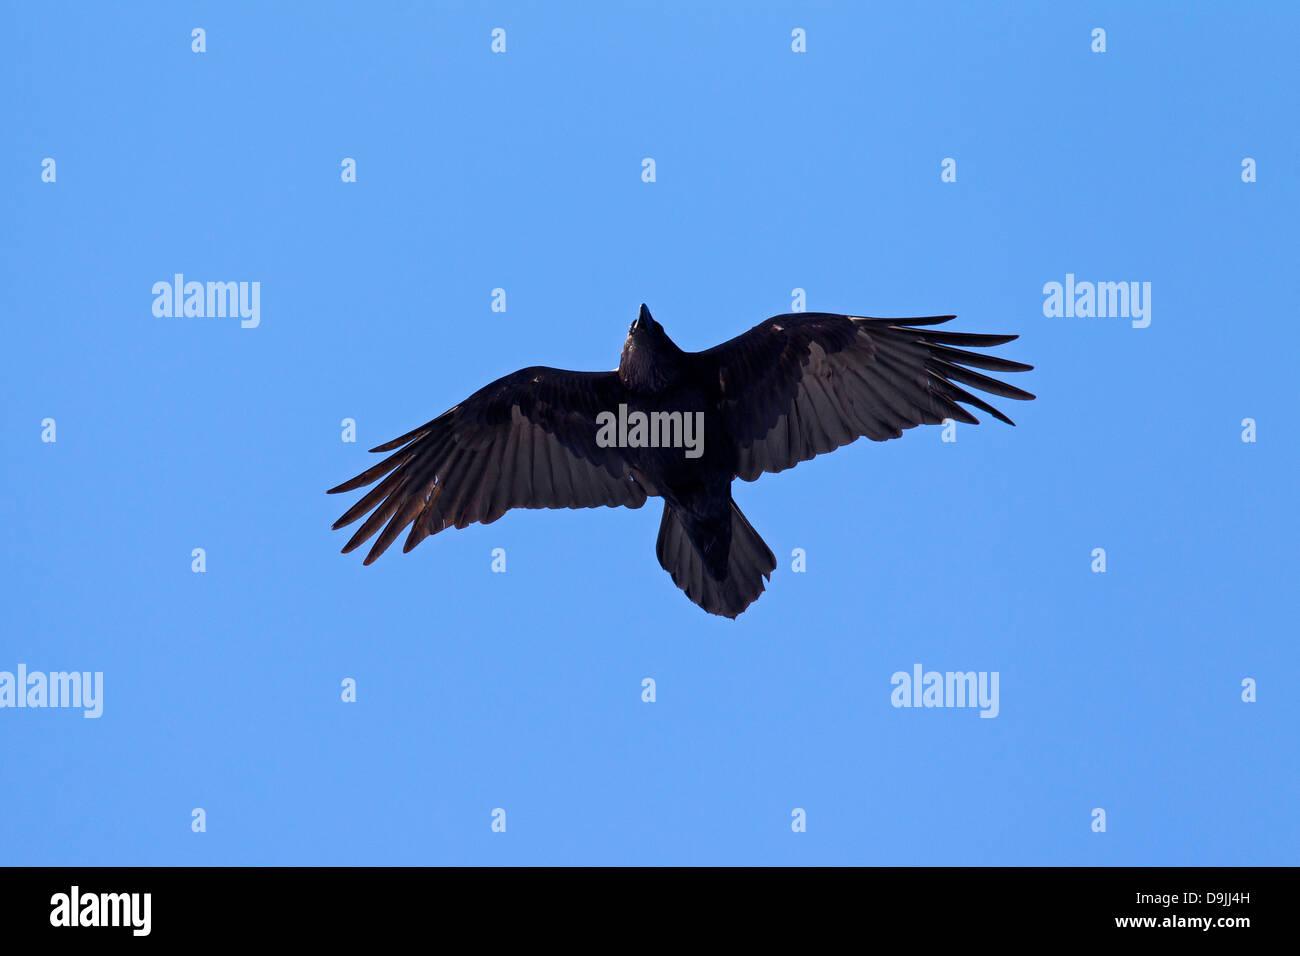 Gemeinsamen Raven / Northern Raven (Corvus Corax) Vogel im Flug Stockbild